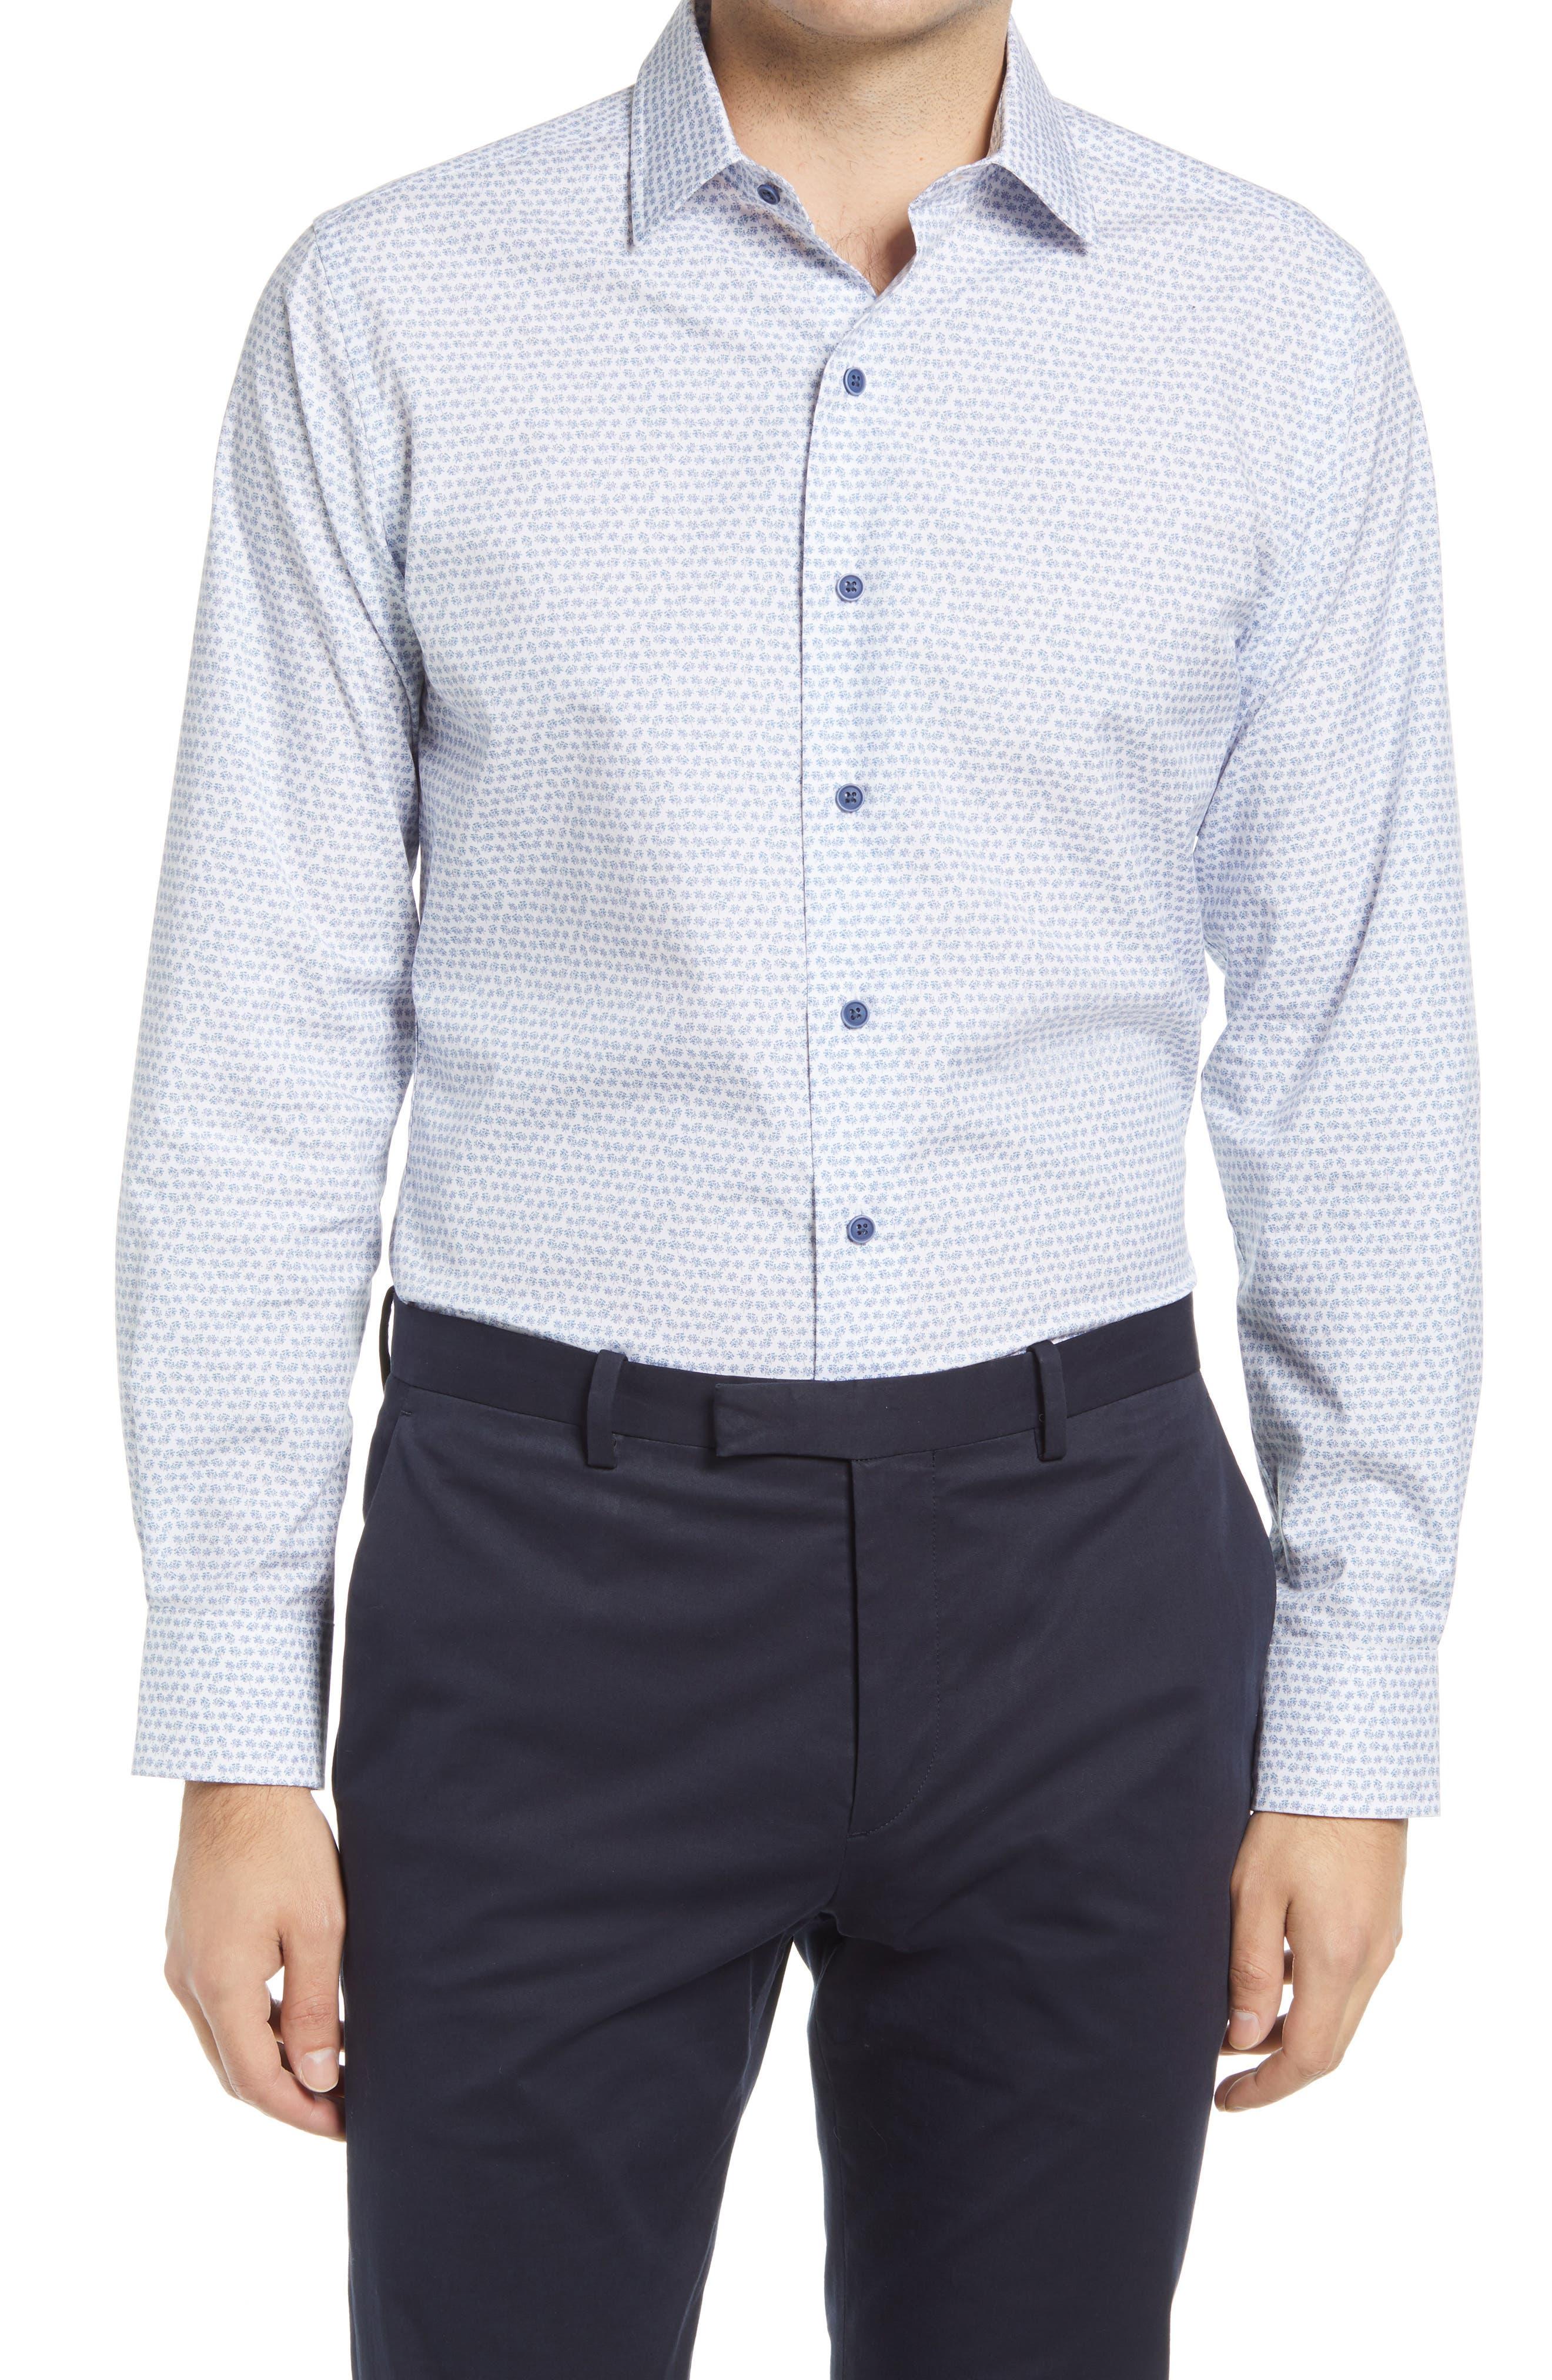 Men's Big & Tall David Donohue Trim Fit Microprint Dress Shirt